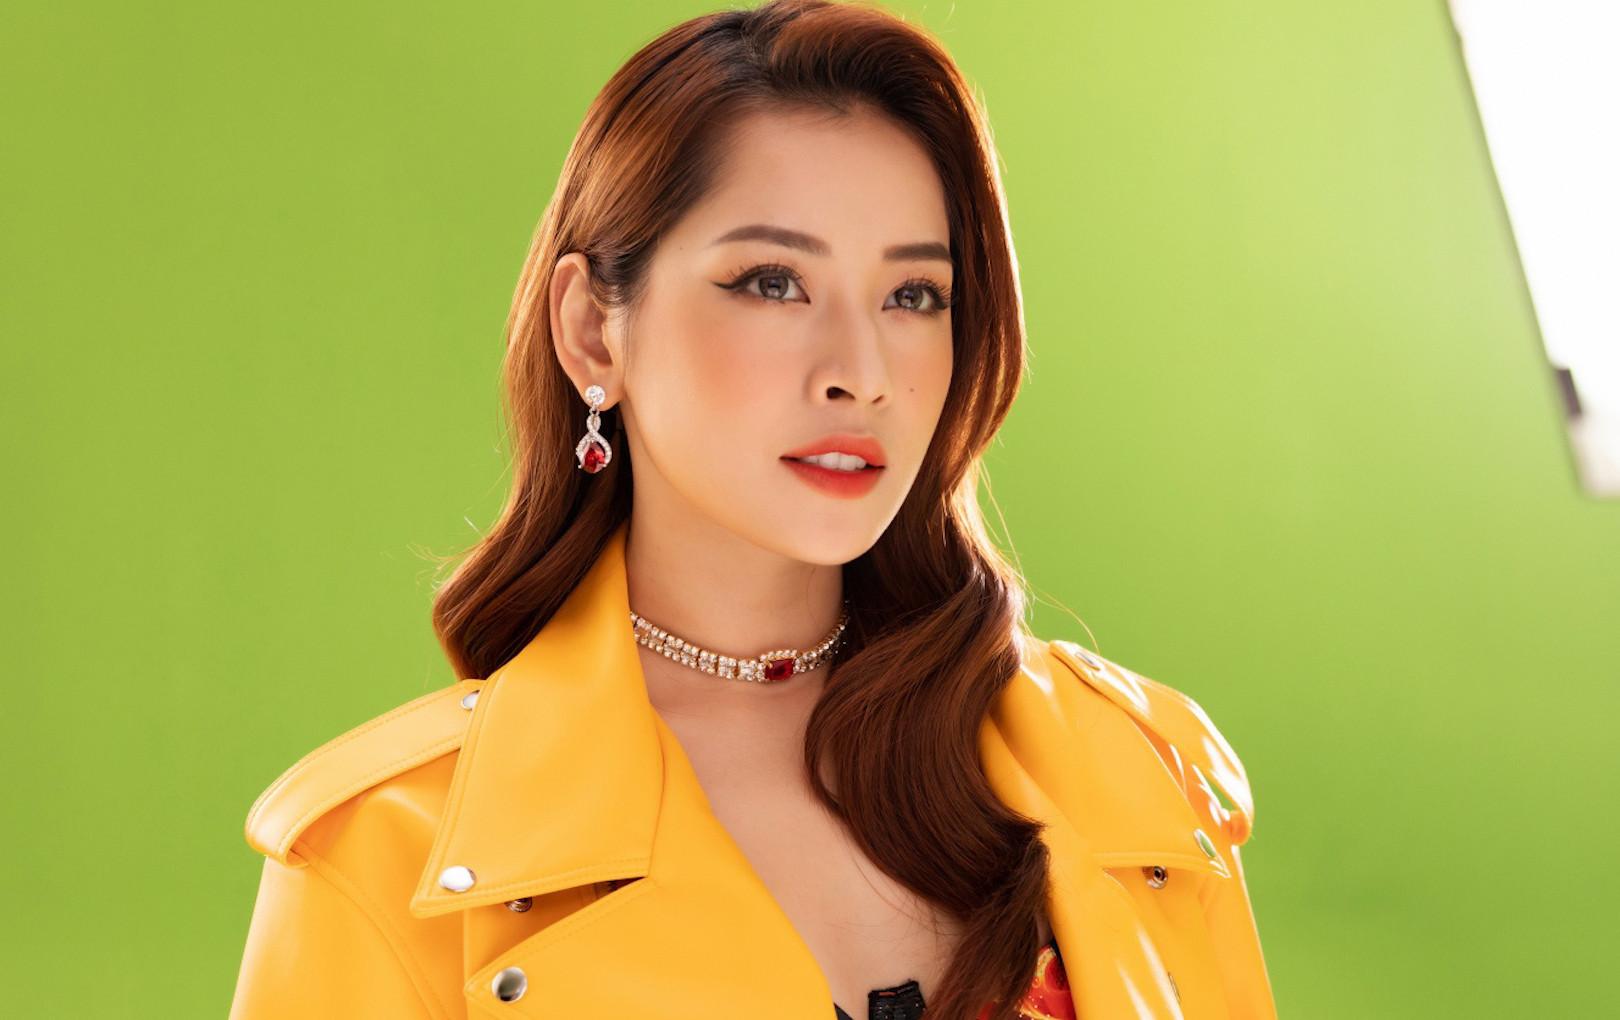 Chi Pu lần đầu xác nhận đang độc thân sau khi vướng nghi vấn hẹn hò với bồ cũ Quỳnh Anh Shyn